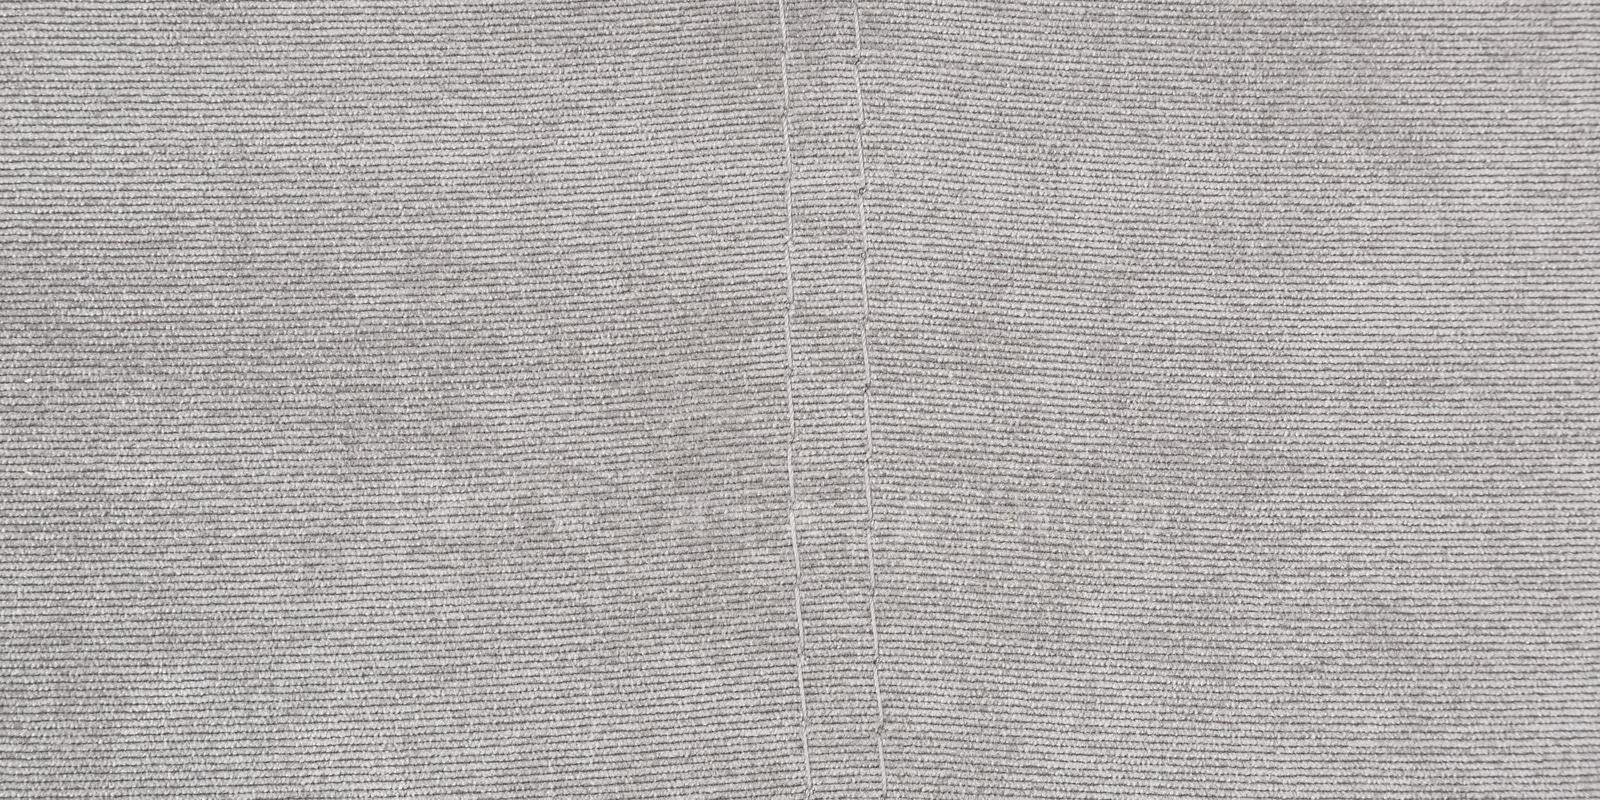 Диван Атланта вельвет светло-серый фото 7 | интернет-магазин Складно